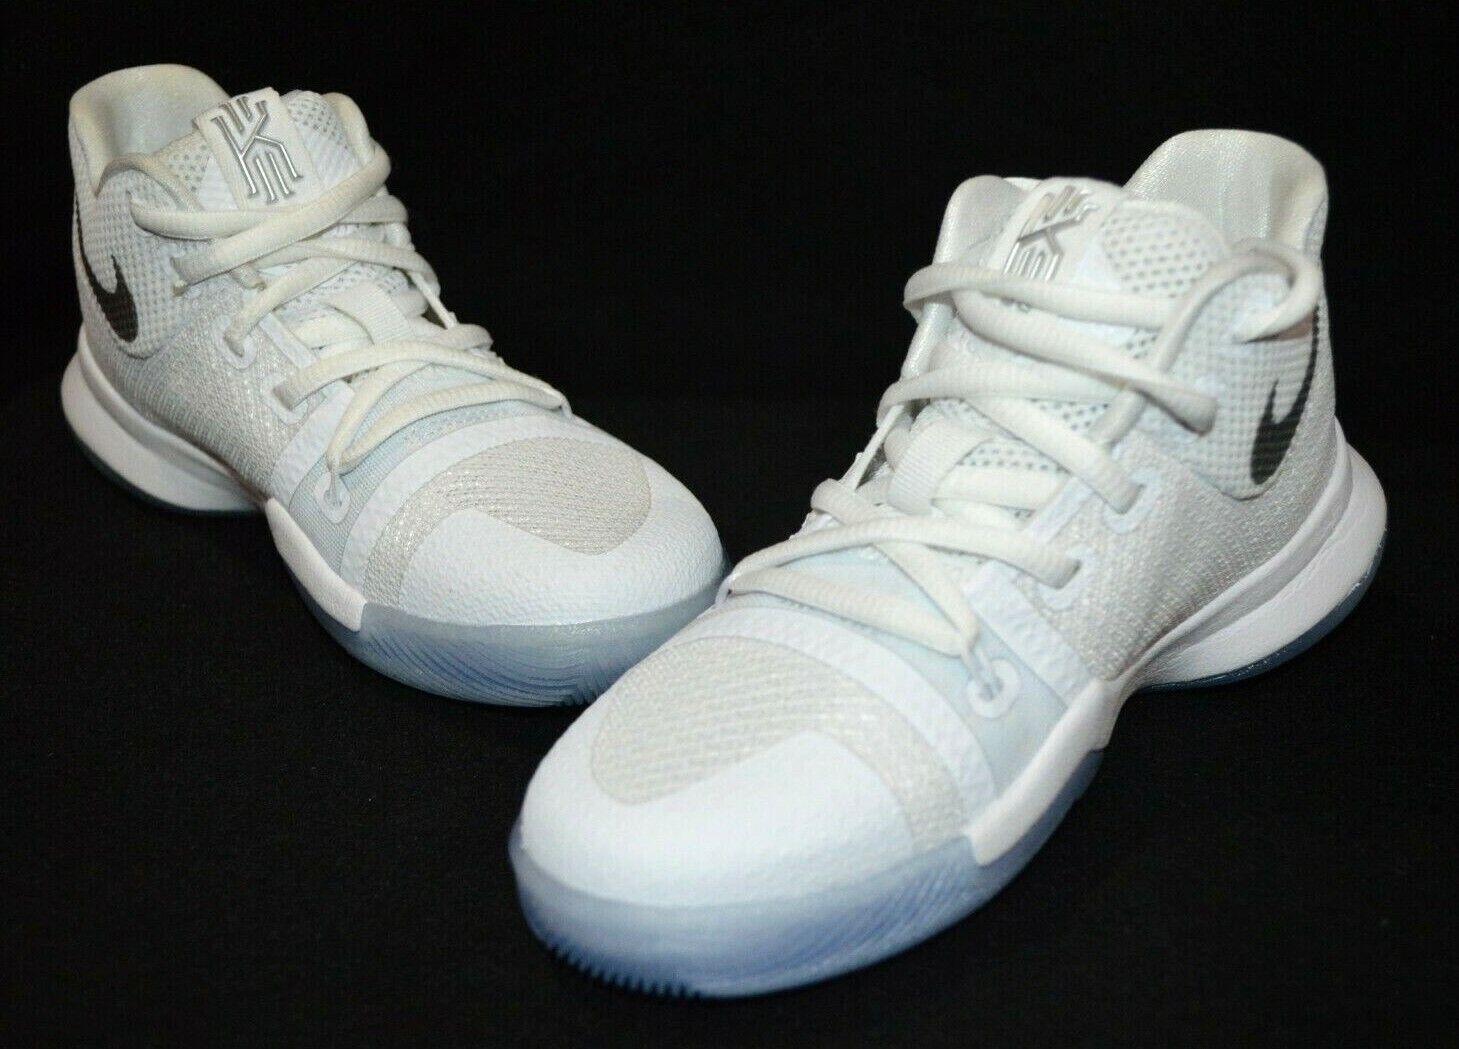 Nike Kyrie 3 (PS) White/Chrome Boy's